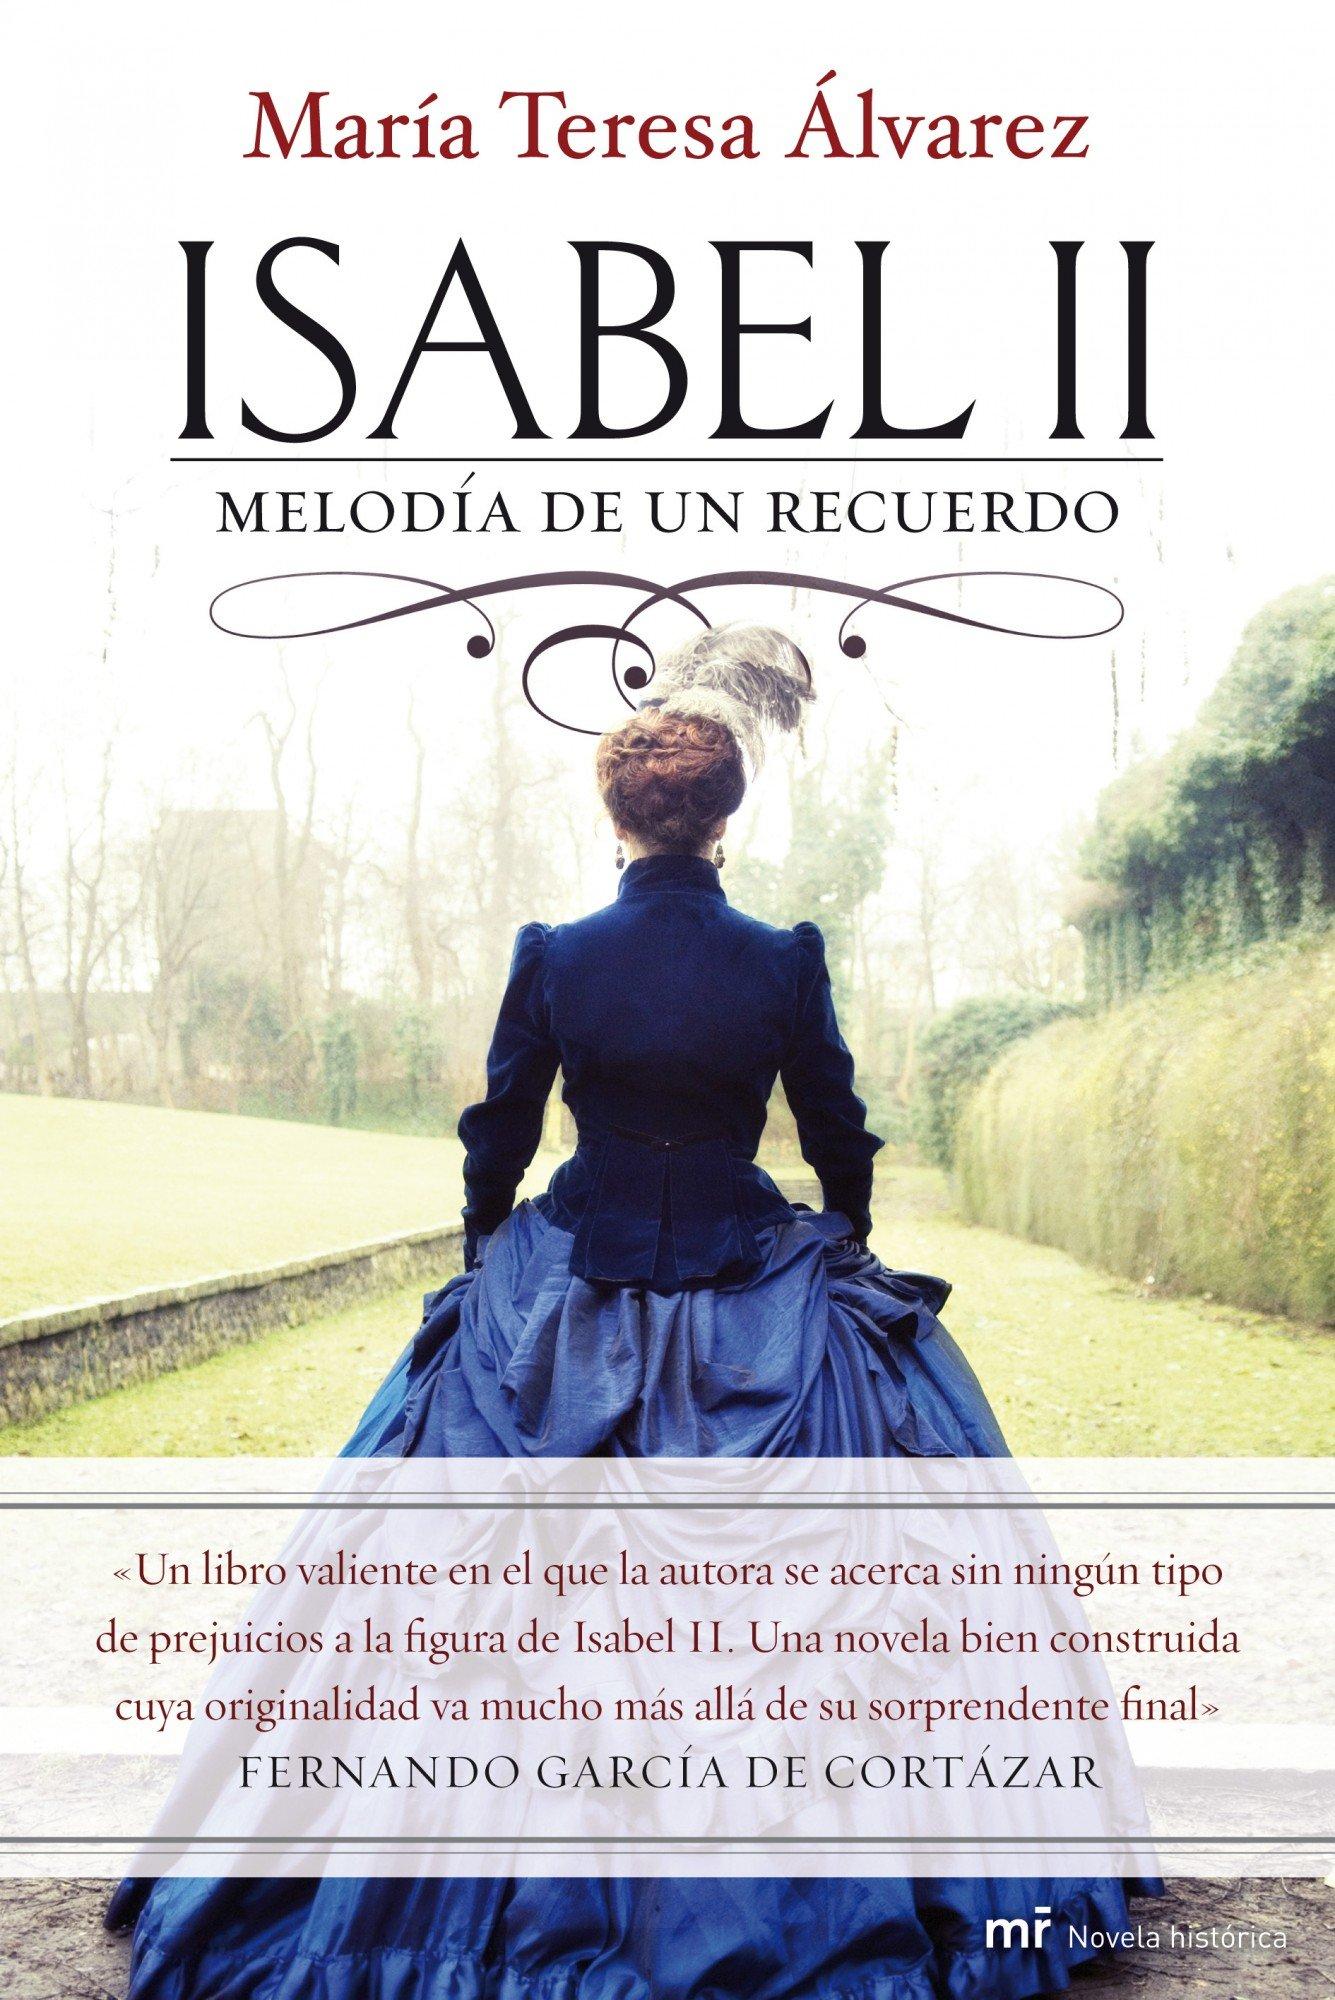 Isabel II: Melodía de un recuerdo MR Novela Histórica: Amazon.es: Álvarez, María Teresa: Libros